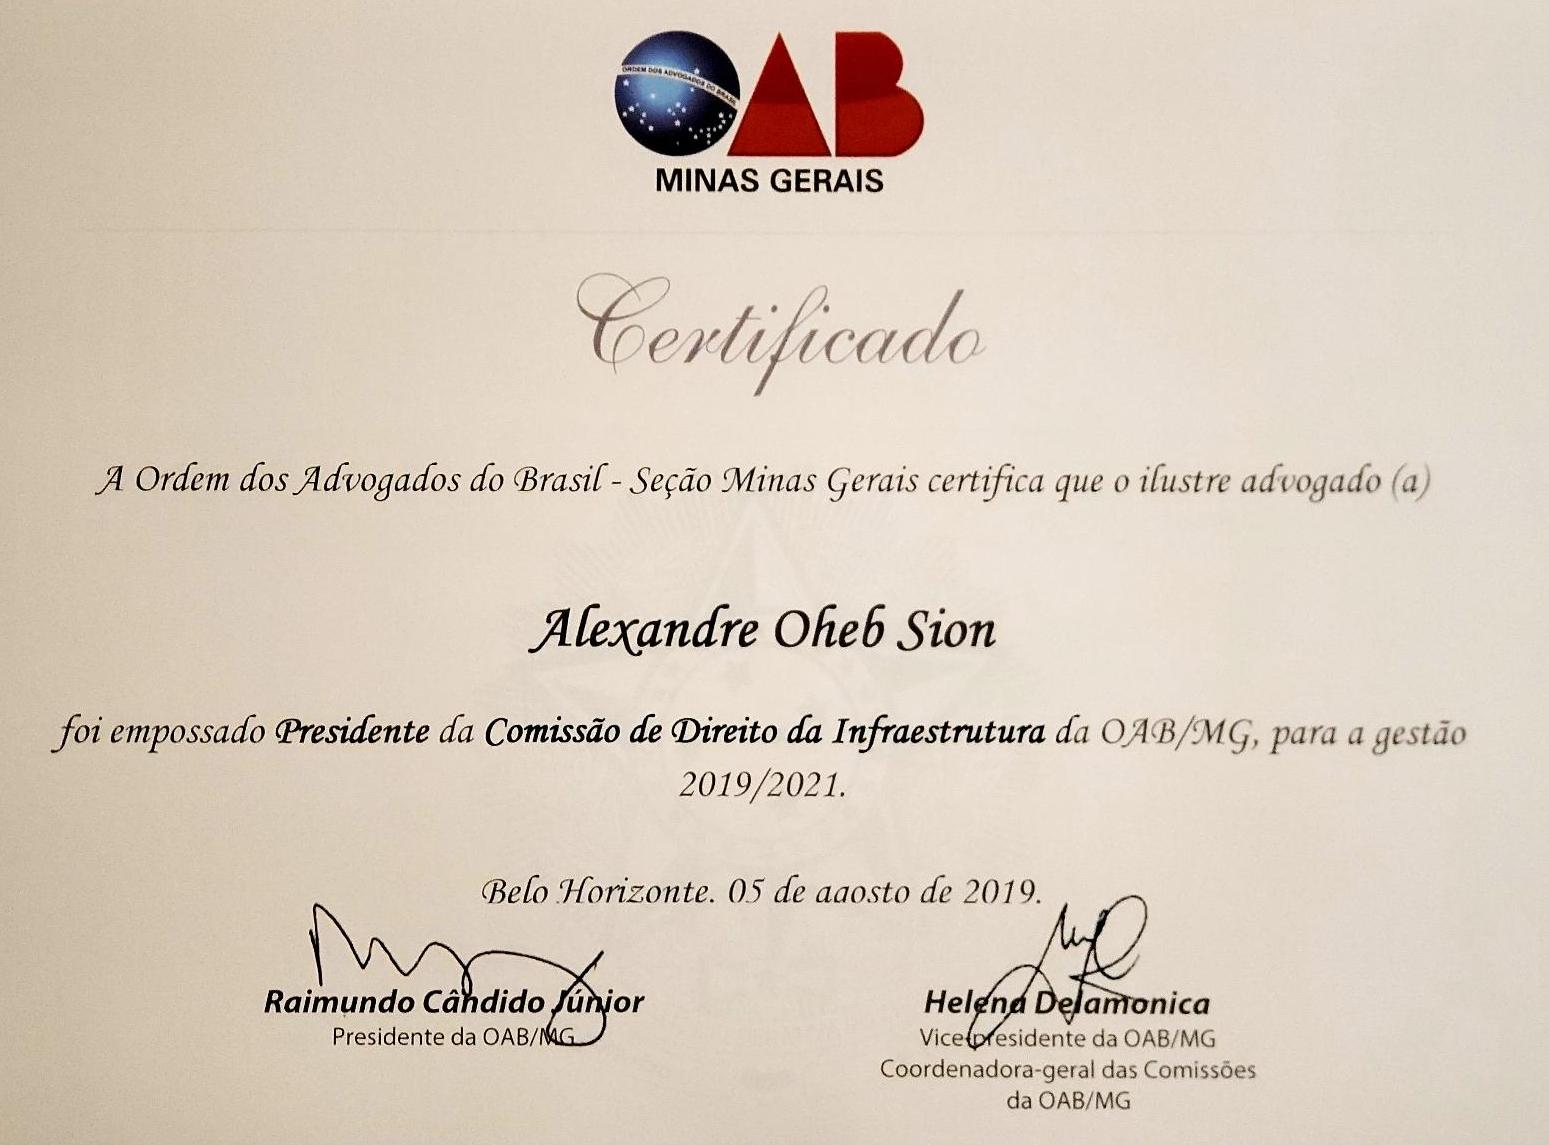 ALEXANDRE SION TOMOU POSSE COMO PRESIDENTE DA COMISSÃO DE DIREITO DE INFRAESTRUTURA OAB/MG